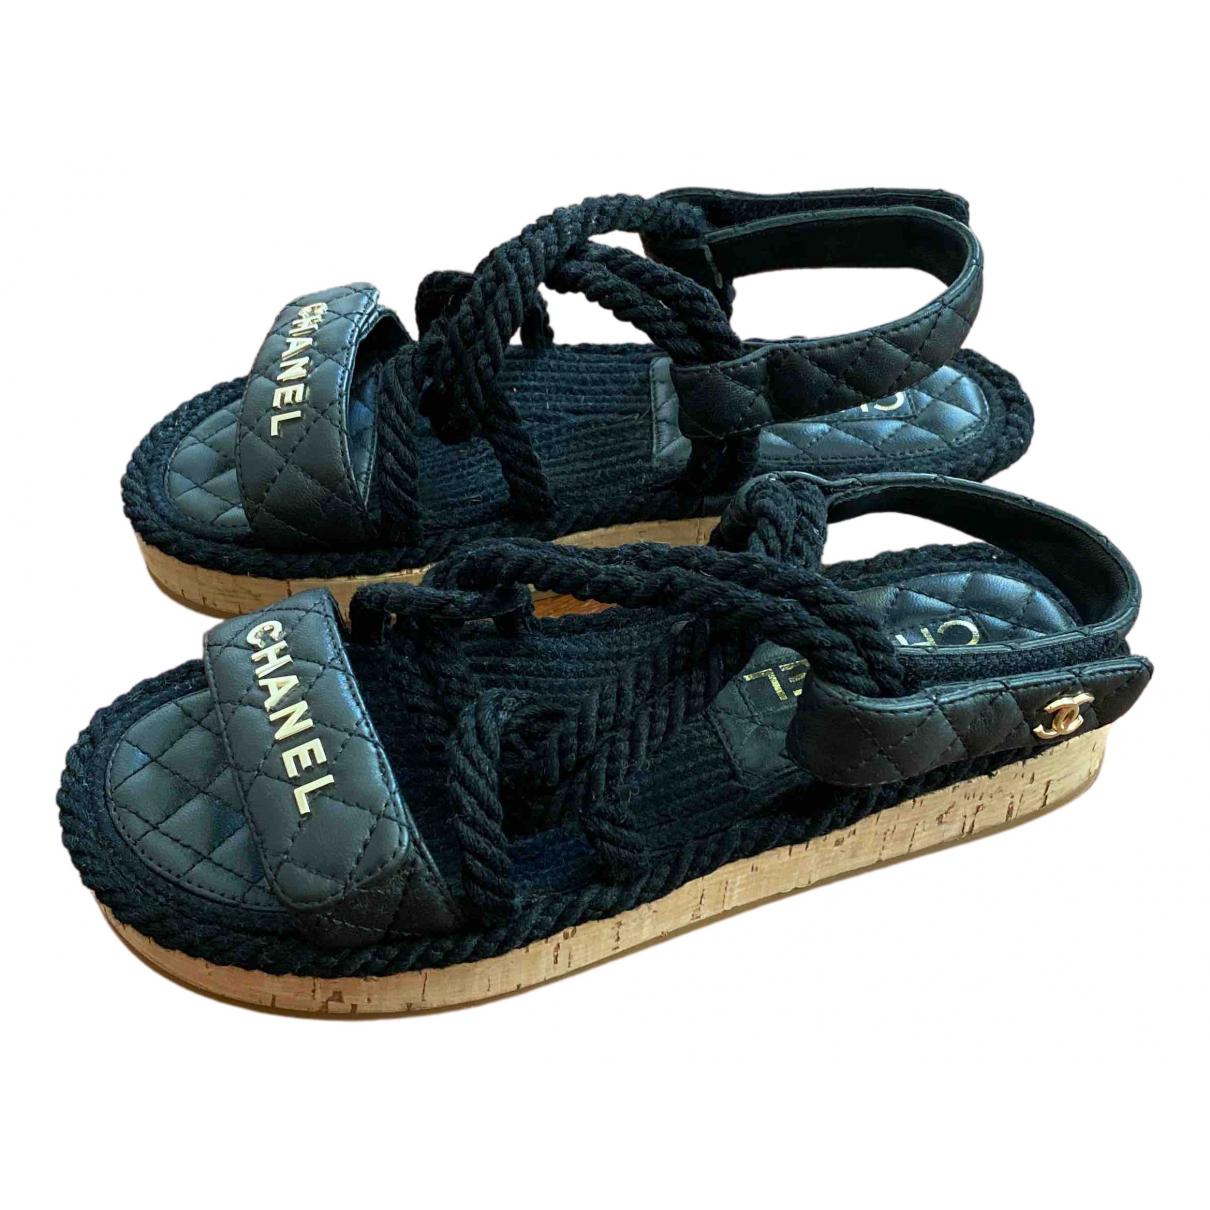 Sandalias romanas Dad Sandals de Cuero Chanel